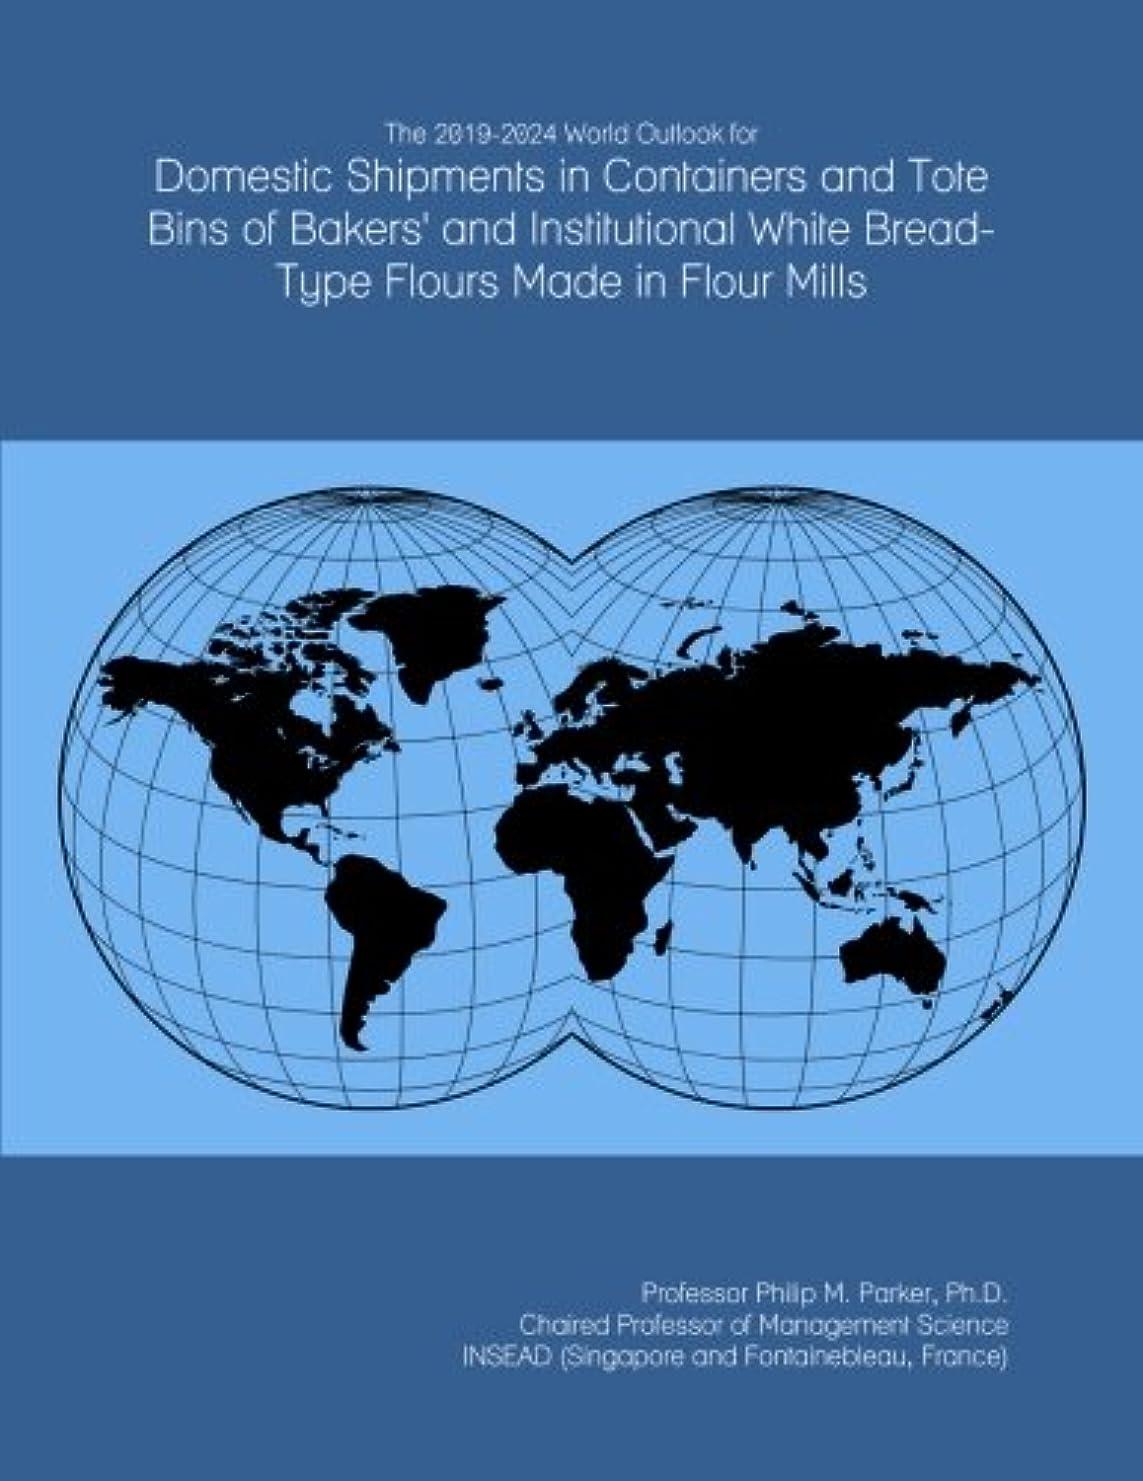 森プロフィール浮くThe 2019-2024 World Outlook for Domestic Shipments in Containers and Tote Bins of Bakers' and Institutional White Bread-Type Flours Made in Flour Mills